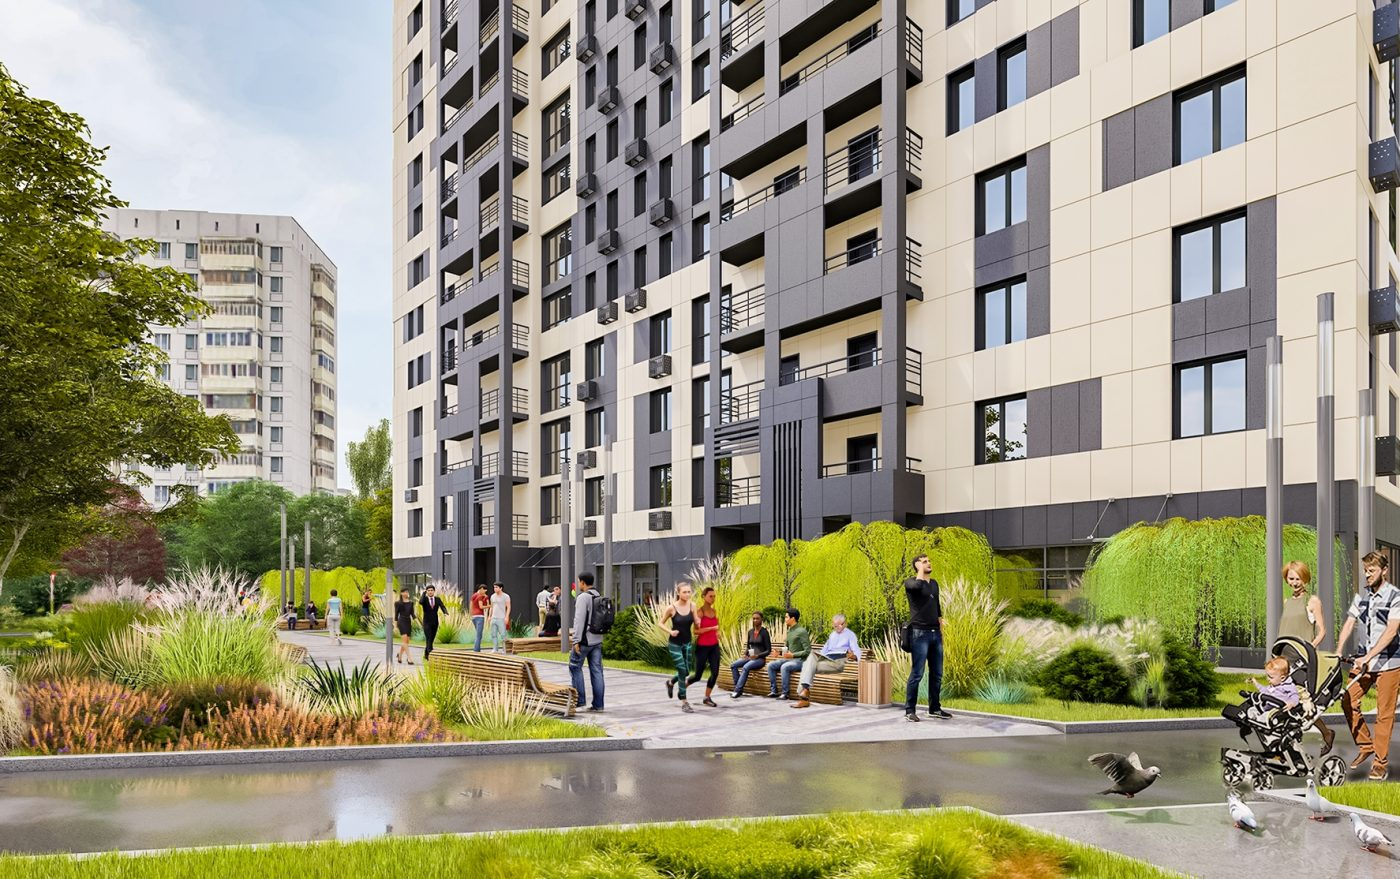 Четыре жилых дома ввели в эксплуатацию по реновации на юго-западе Москвы